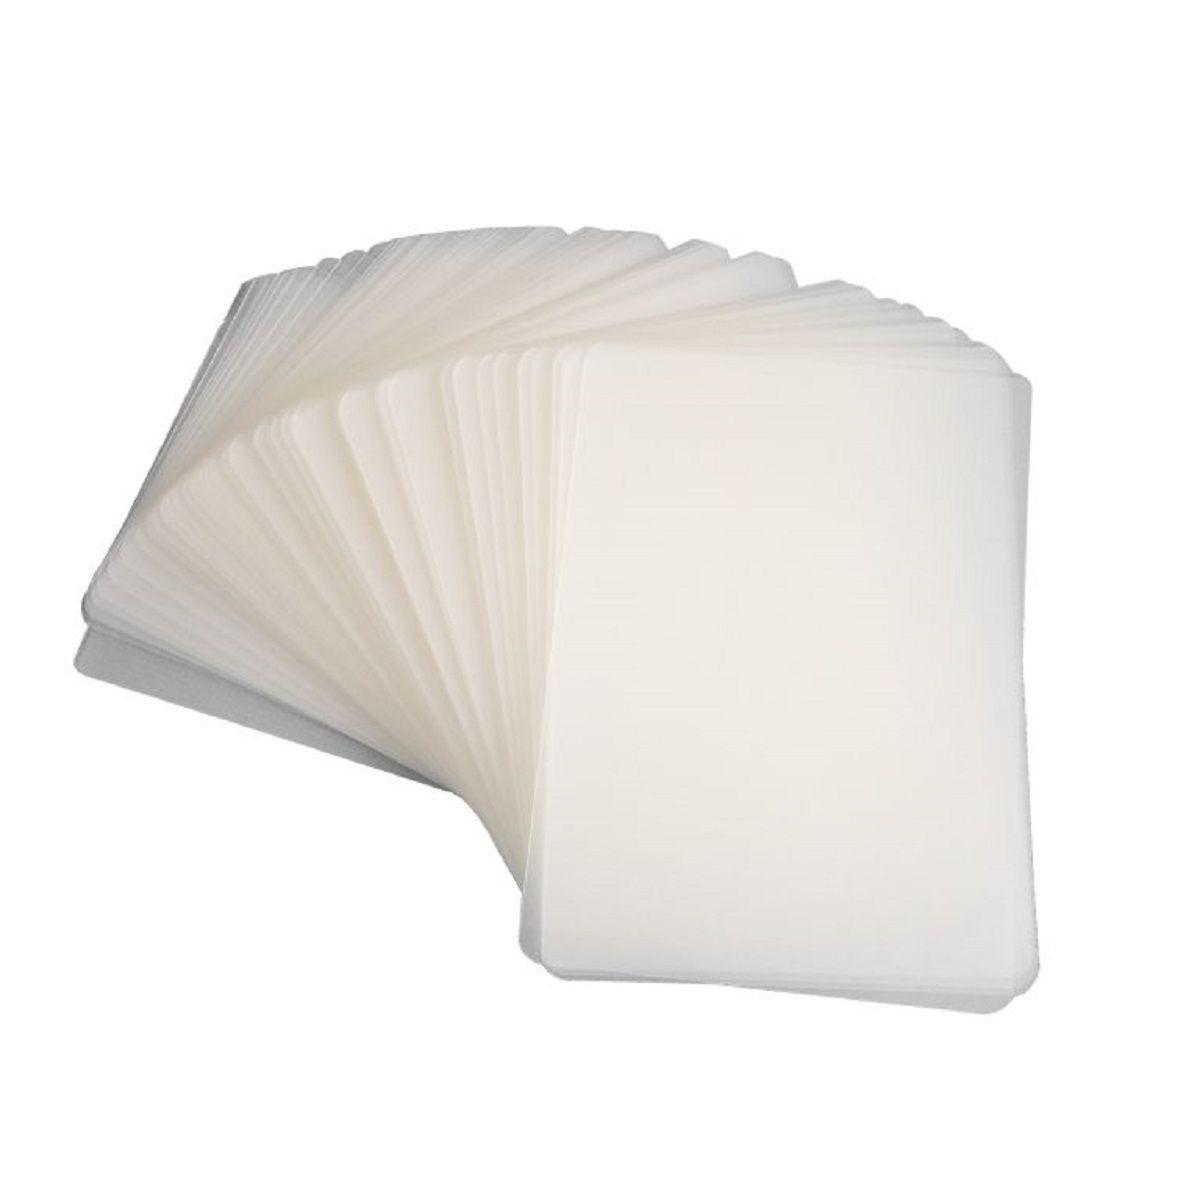 Kit 1000 Plasticos Polaseal para Plastificação Oficio 226x340x0,07mm (175 micras)  - Click Suprimentos